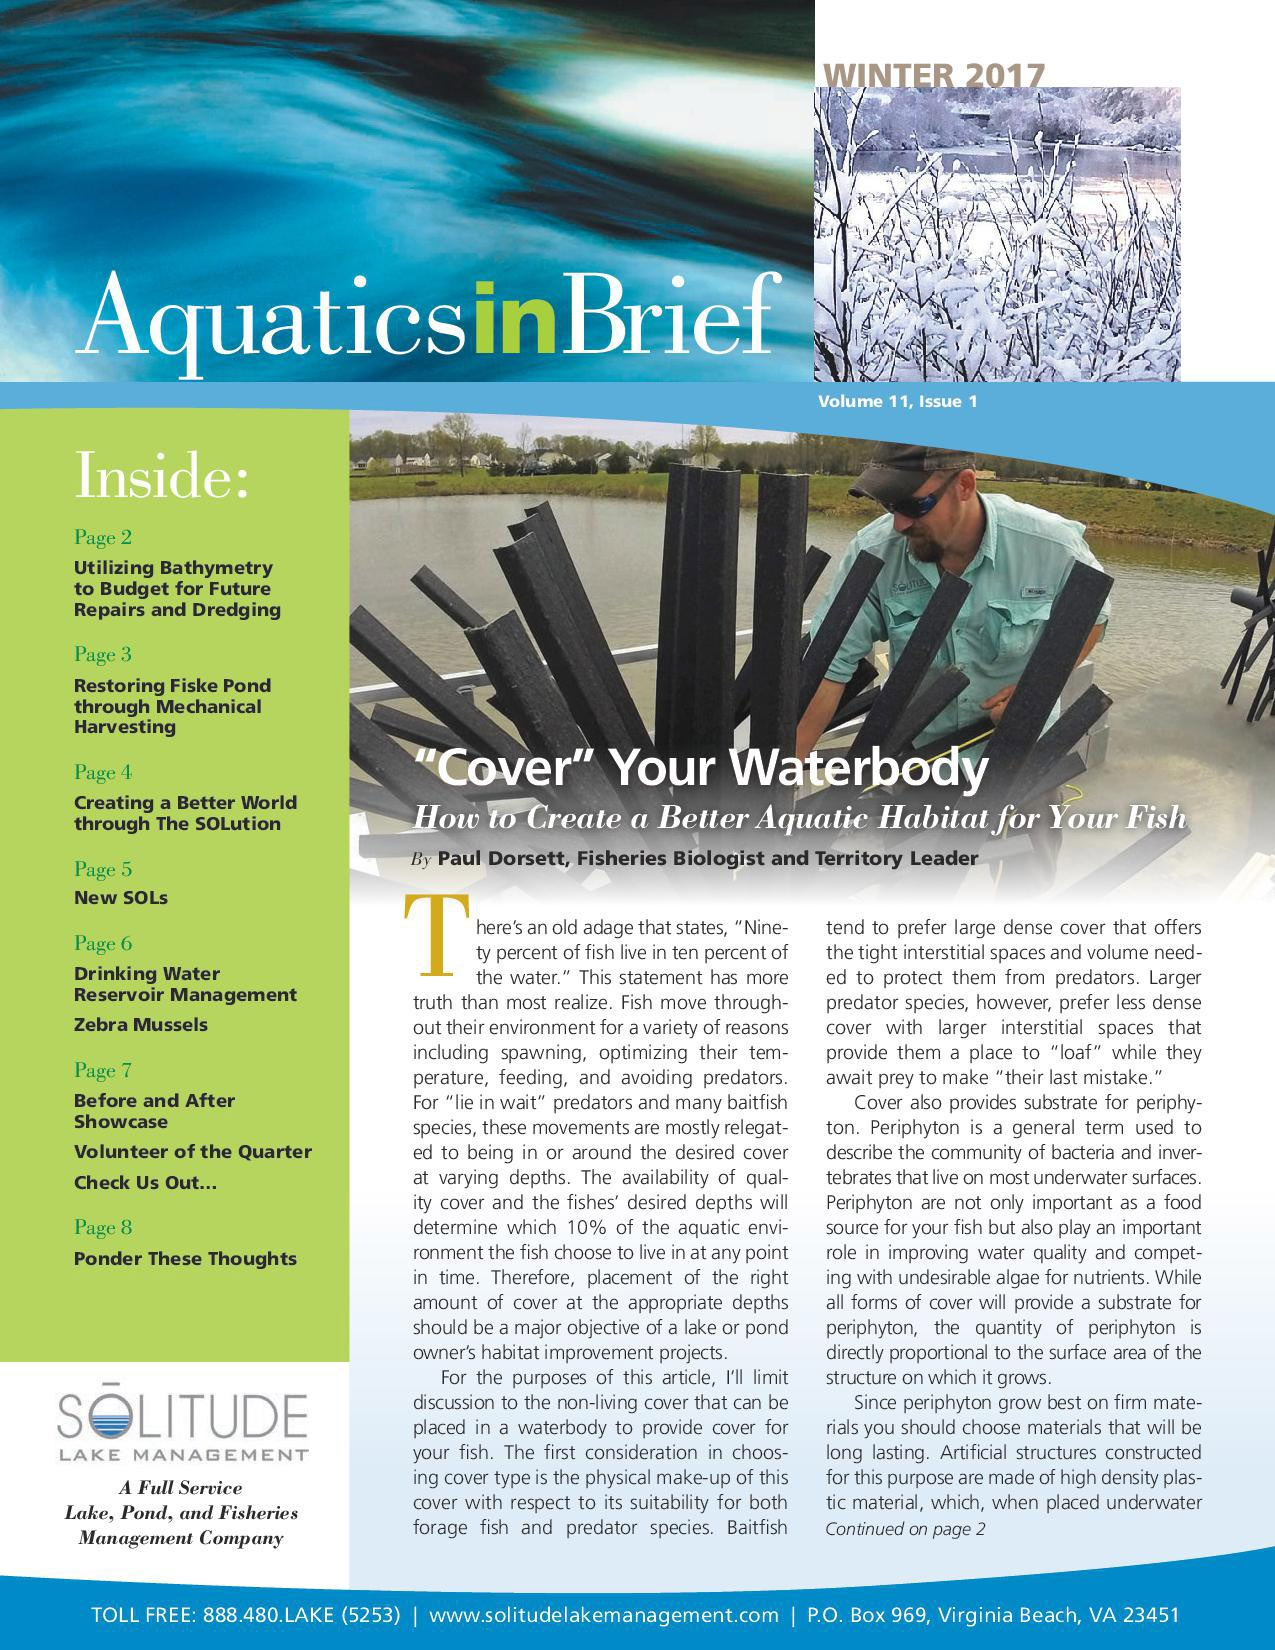 Aquatics-in-brief-winter-2017